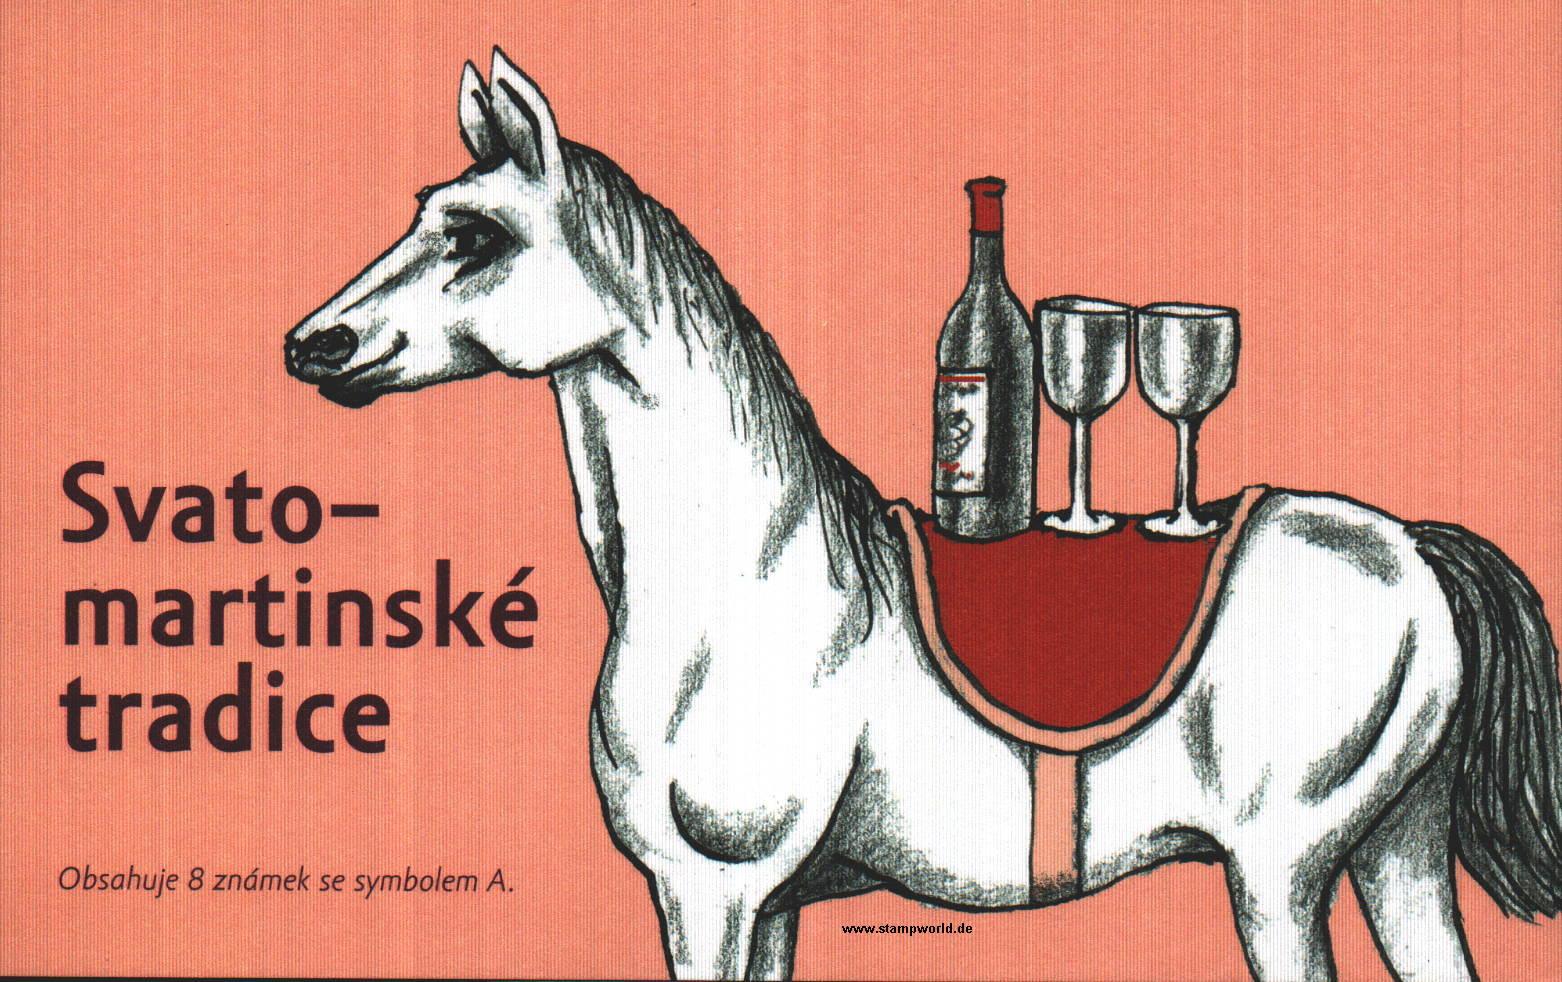 Tschechische dating seite online